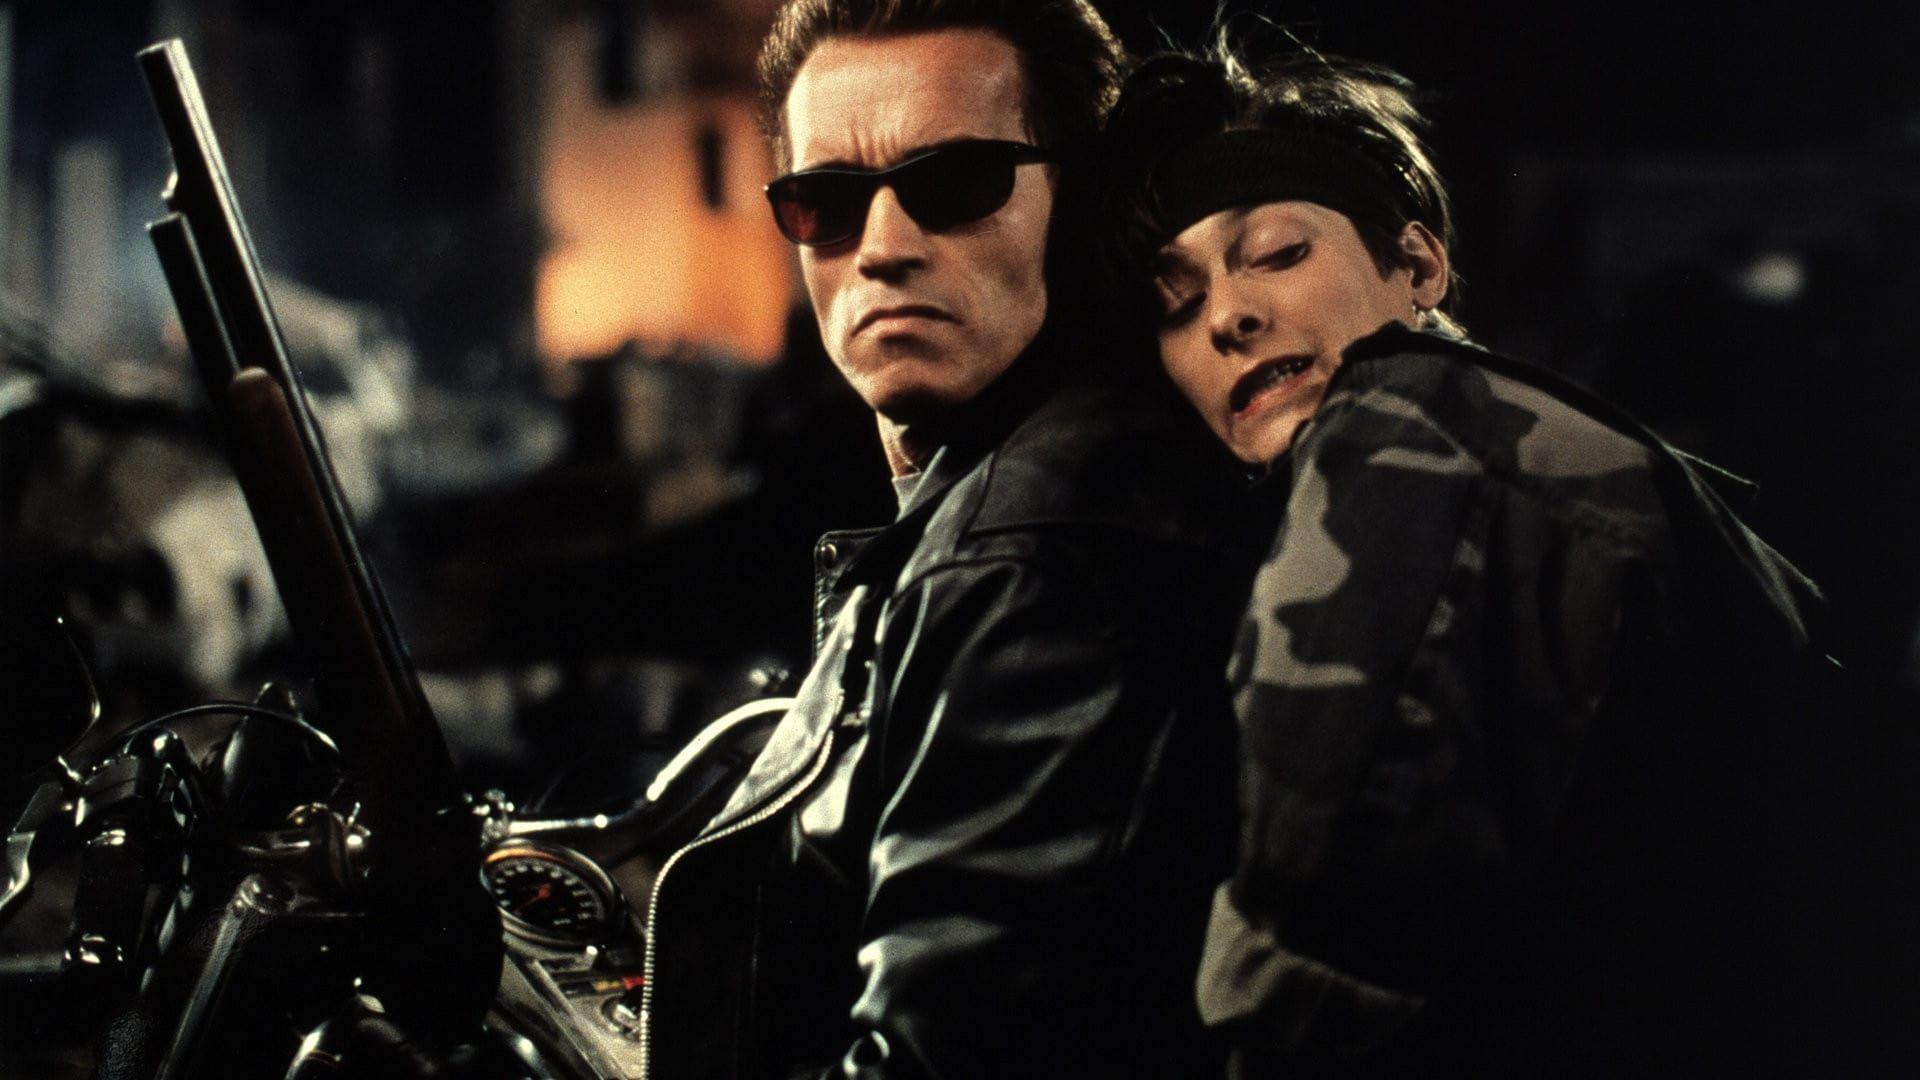 Terminator 2 Le Jugement Dernier 1991 Stream Film Complet Vf Francais En 2029 Apres Leur Echec Pour Eliminer Sarah Edward Furlong Films Complets Terminator